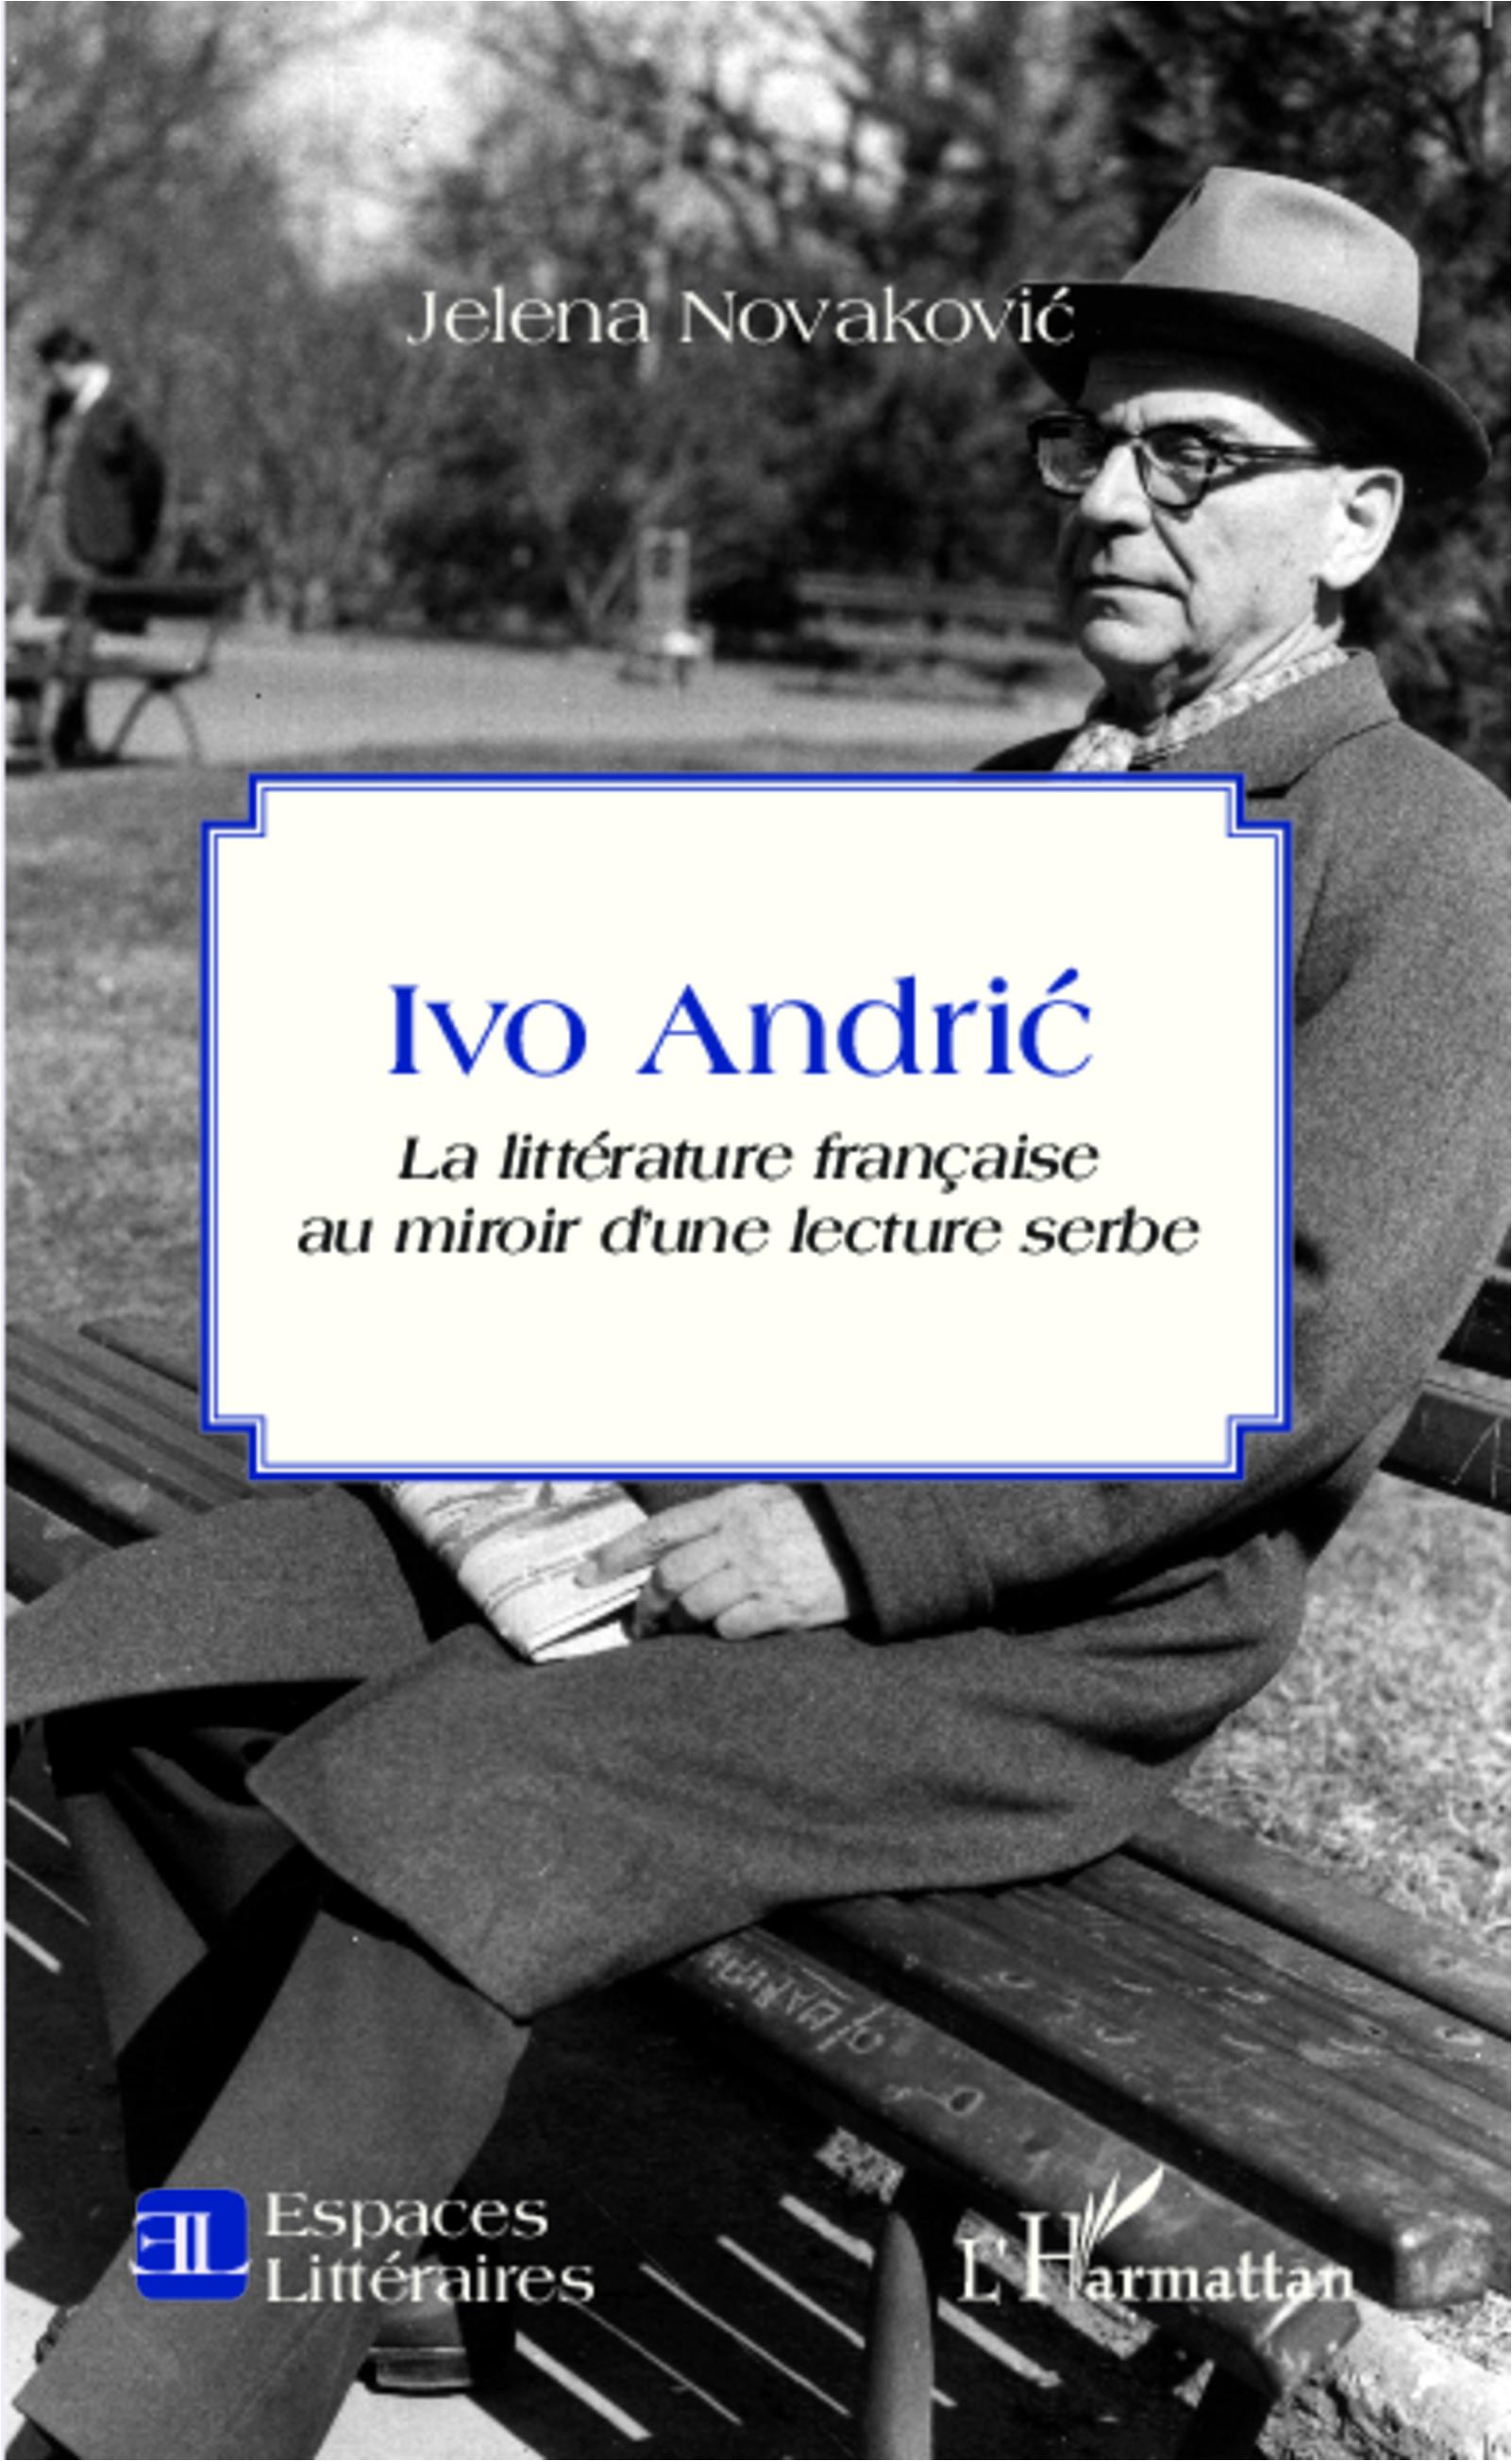 J. Novakovic, Ivo Andric - La Littérature française au miroir d'une lecture serbe